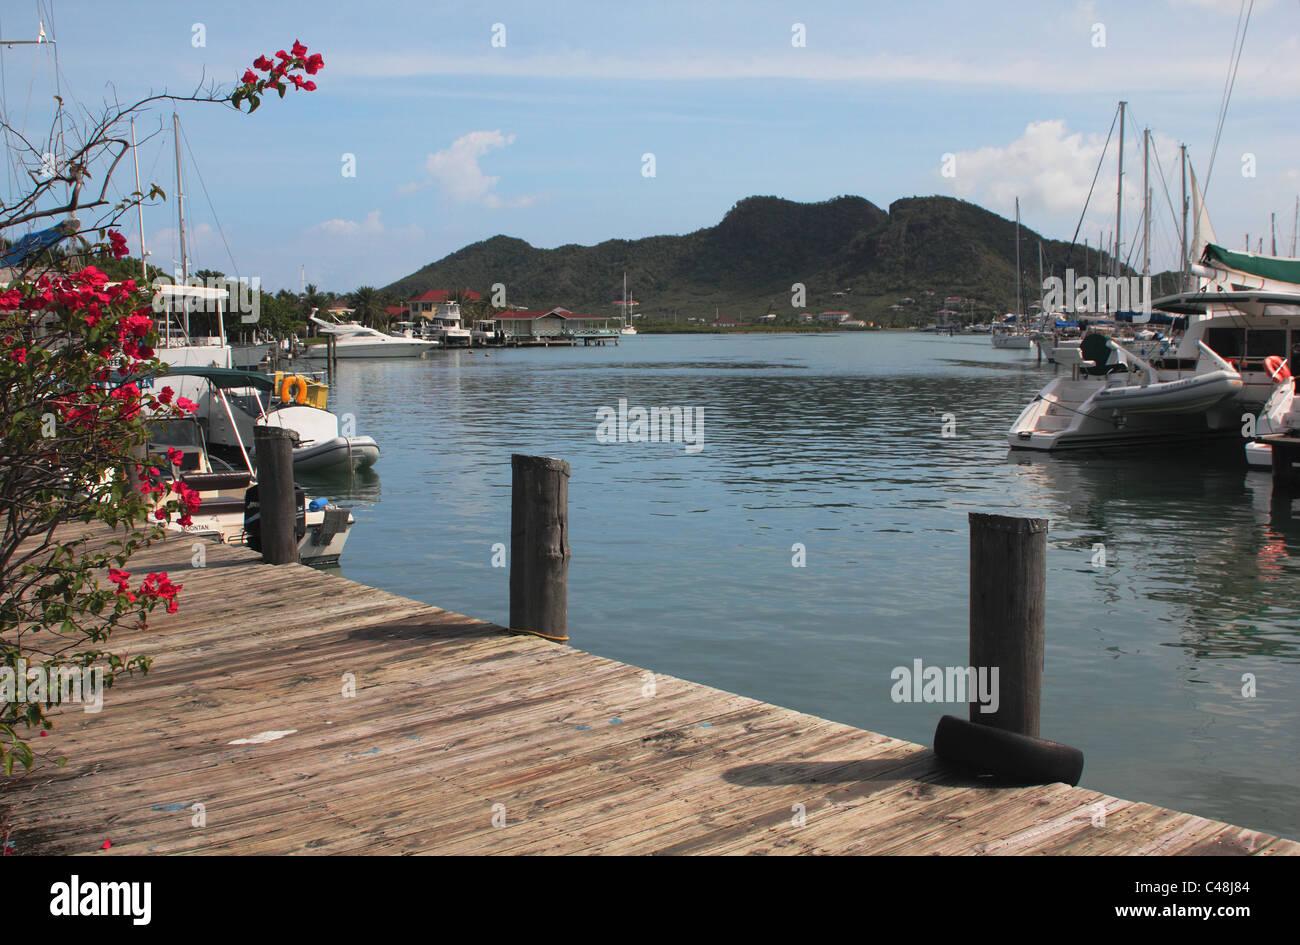 Jetée en bois, bateaux et vue sur la colline, jolly bay, Antigua, Antilles Photo Stock